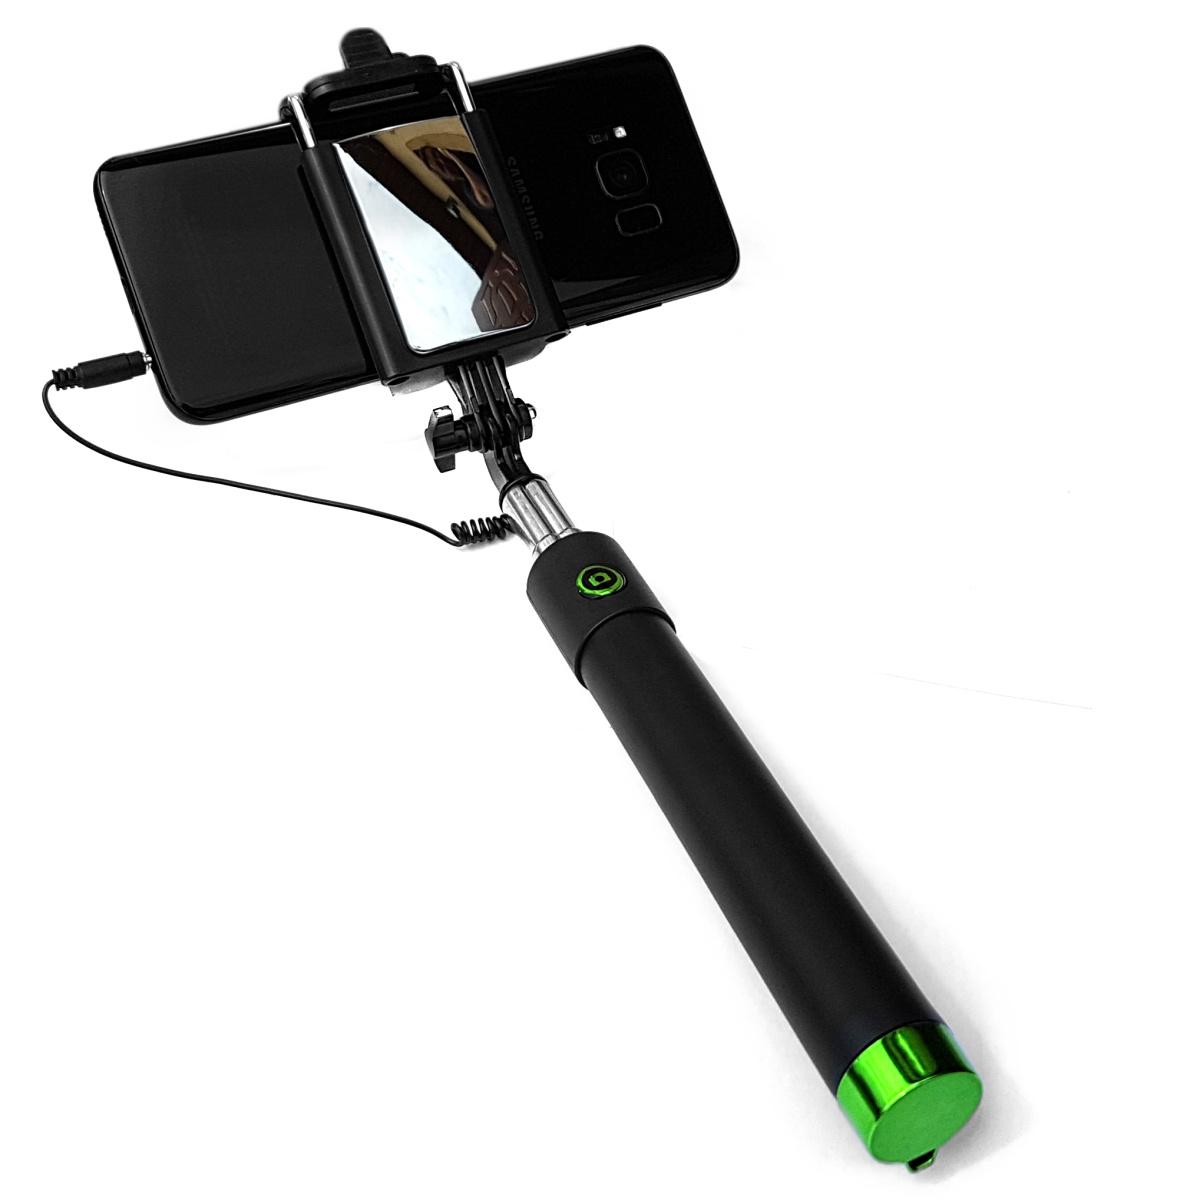 Kijek Selfiestick Monopod Wiko Sunny 2 Plus/ Tommy